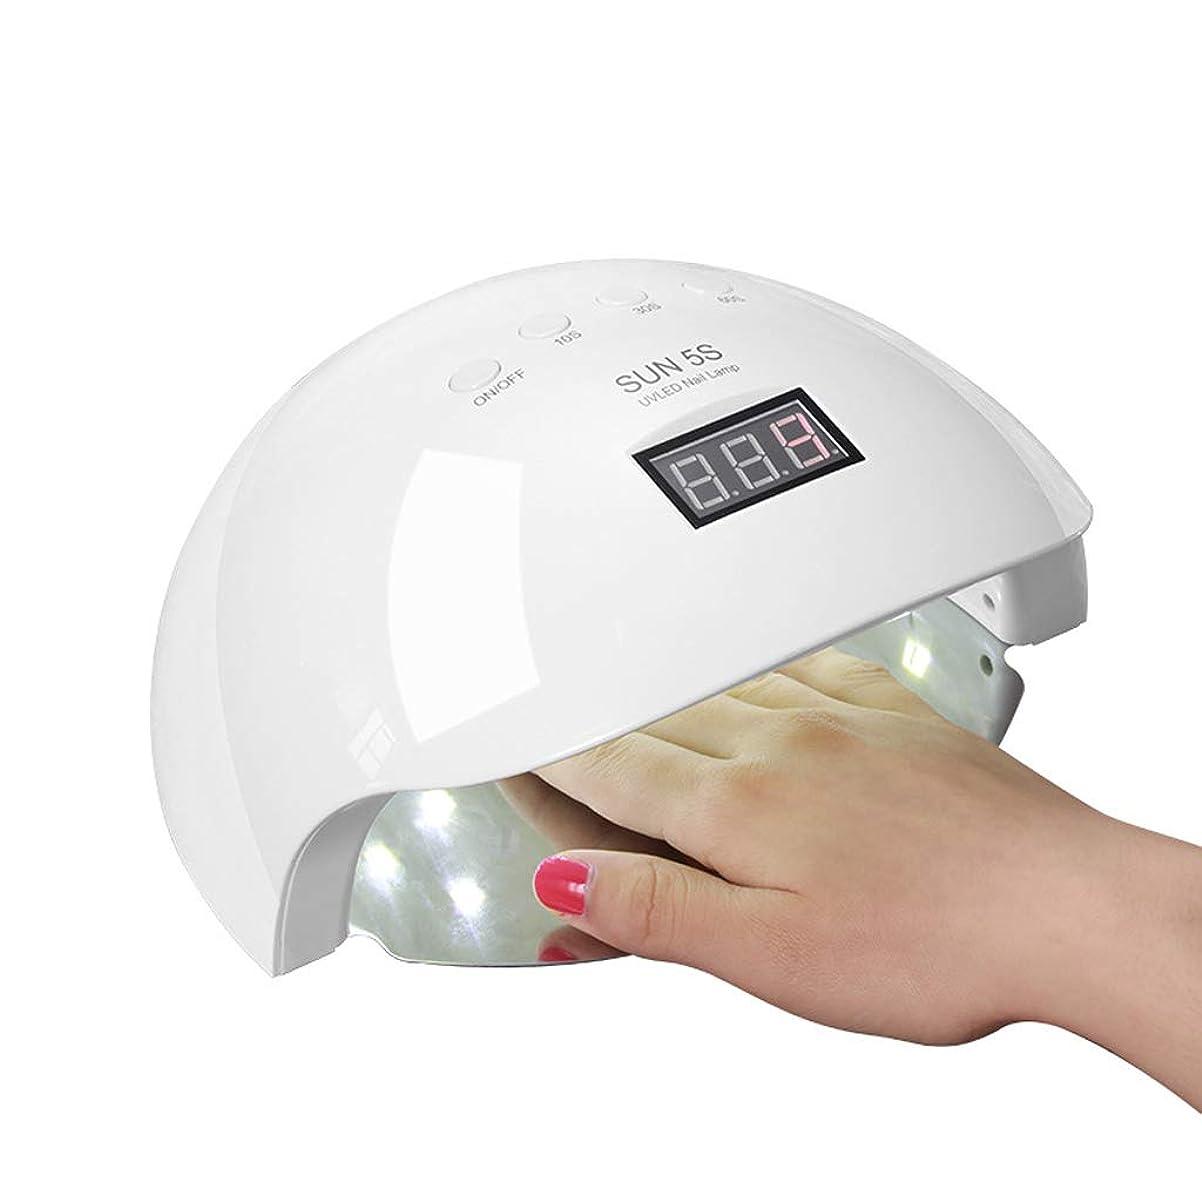 迫害企業ご予約50W LEDネイルドライヤー、インテリジェントポリッシングジェルネイルフォトセラピー接着剤デュアル電源設計